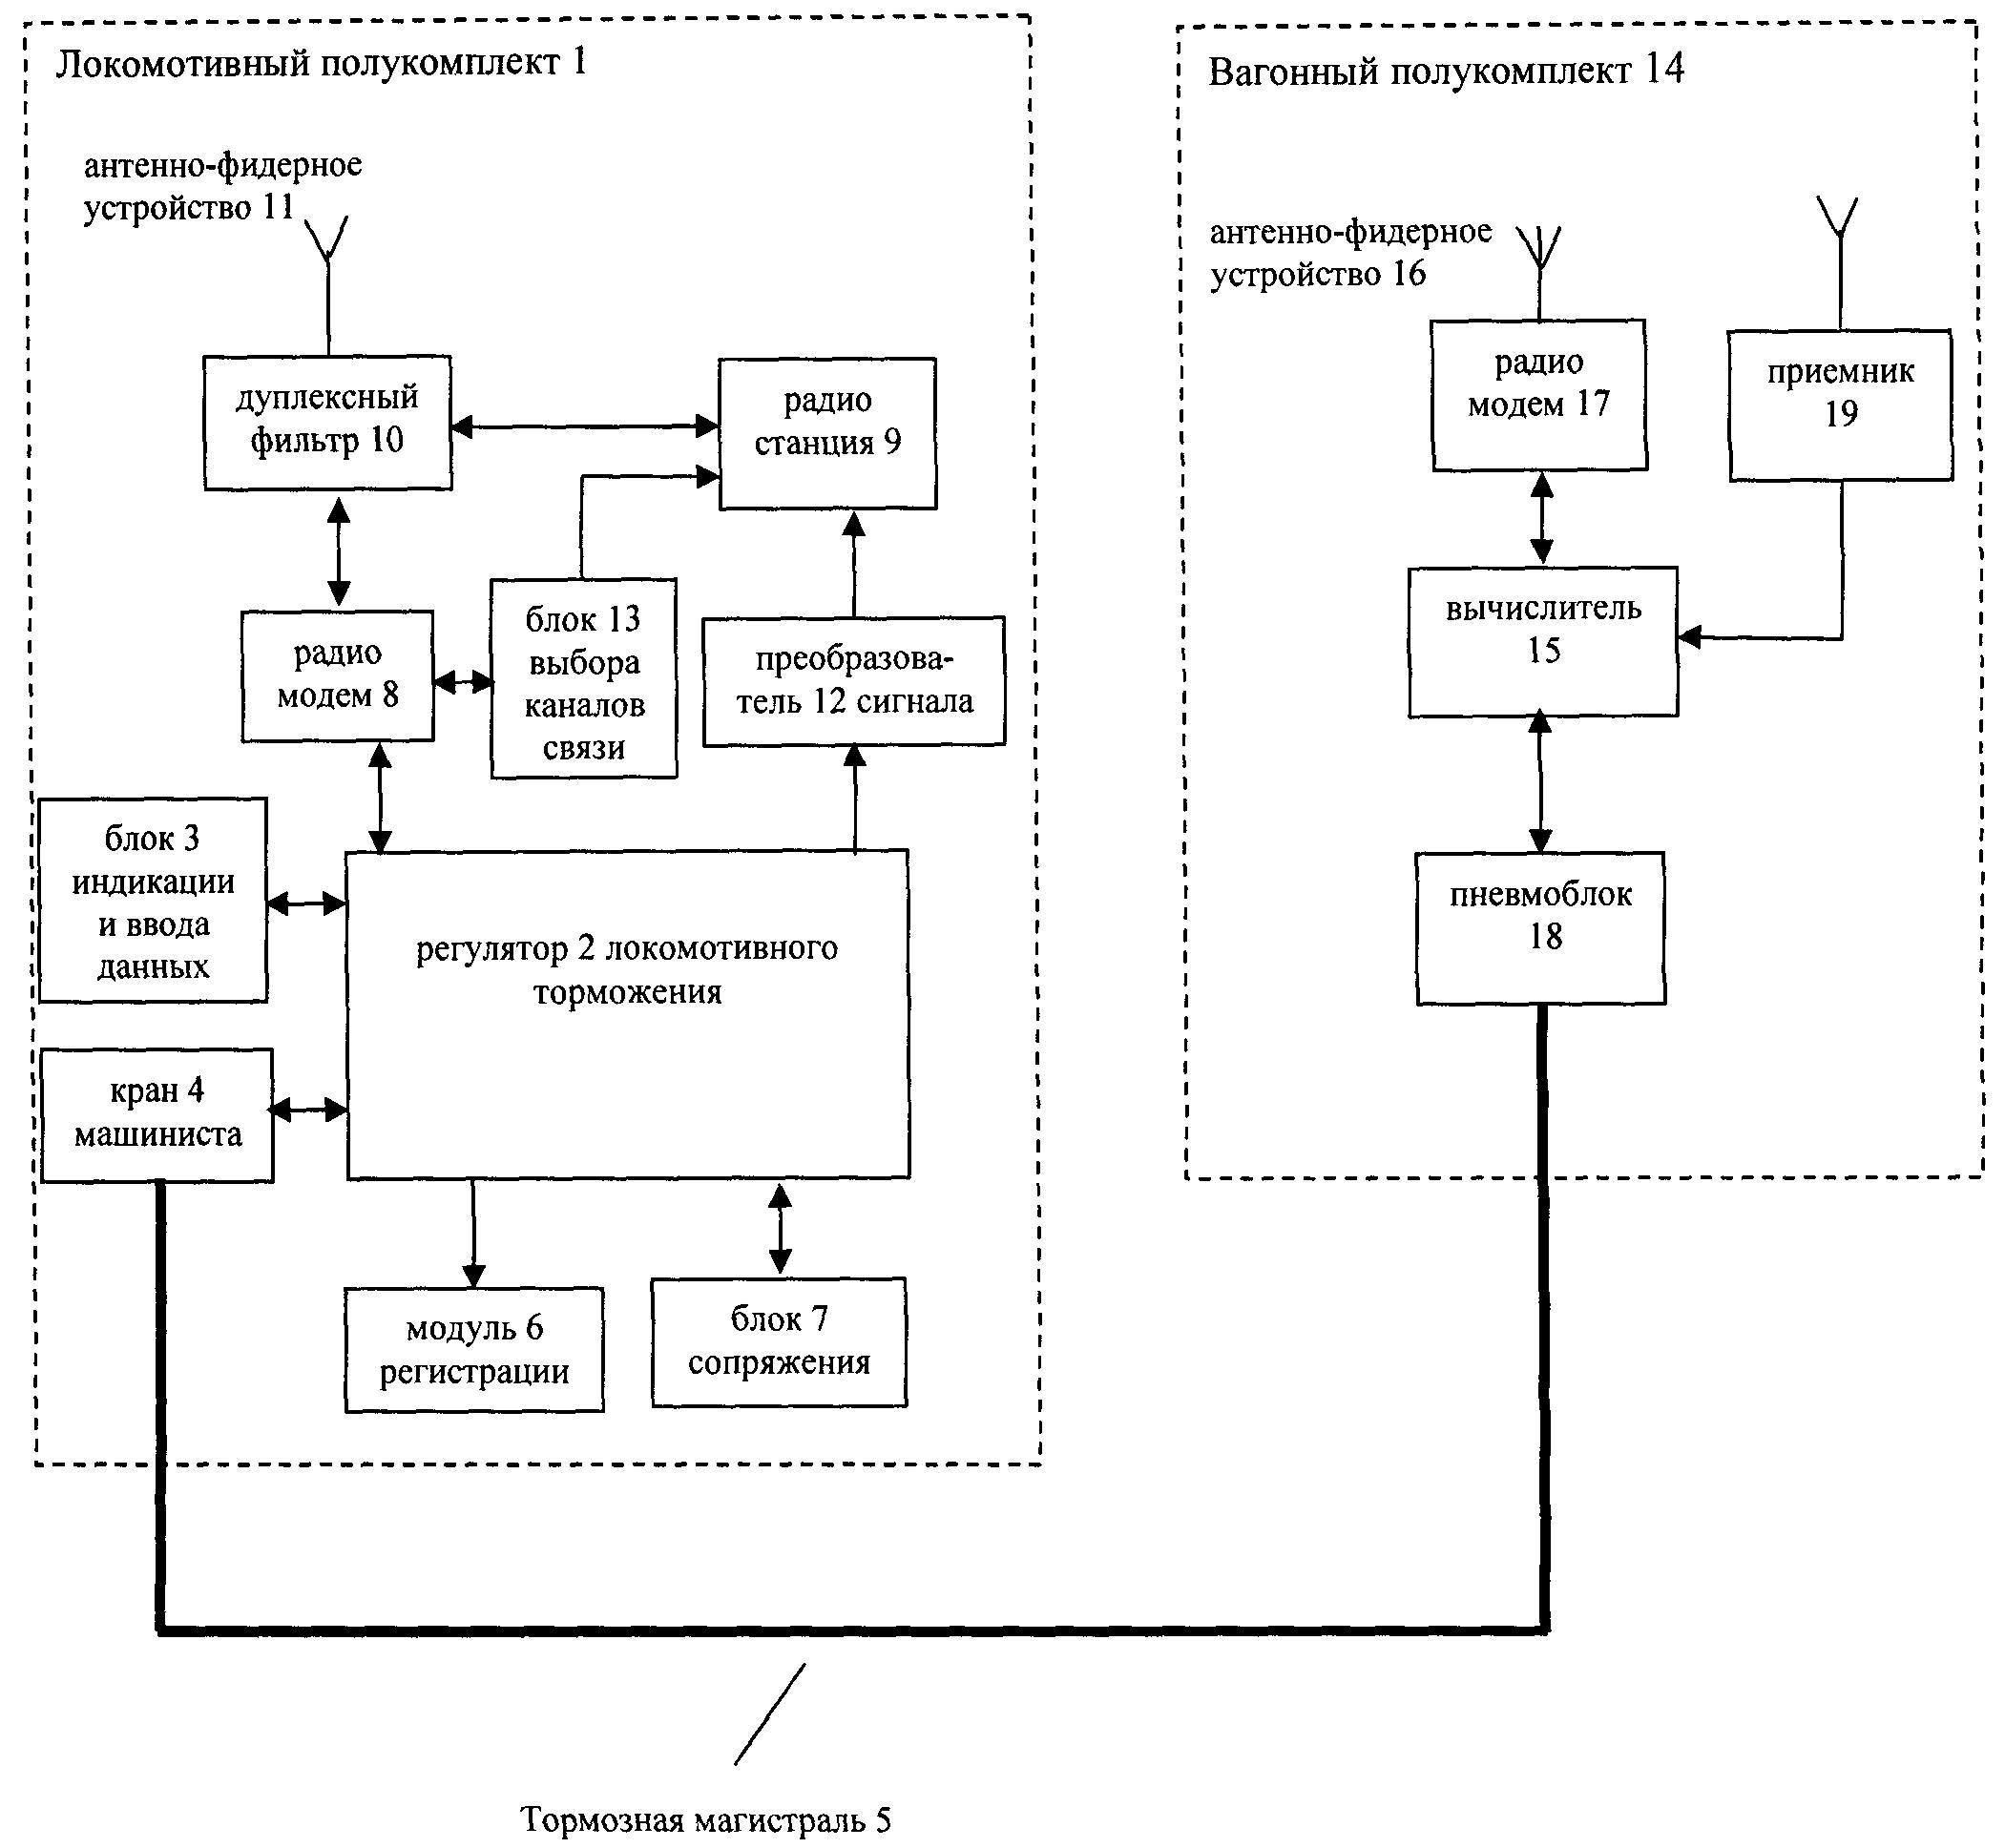 Система автоматического управления тормозами саут реферат 5072